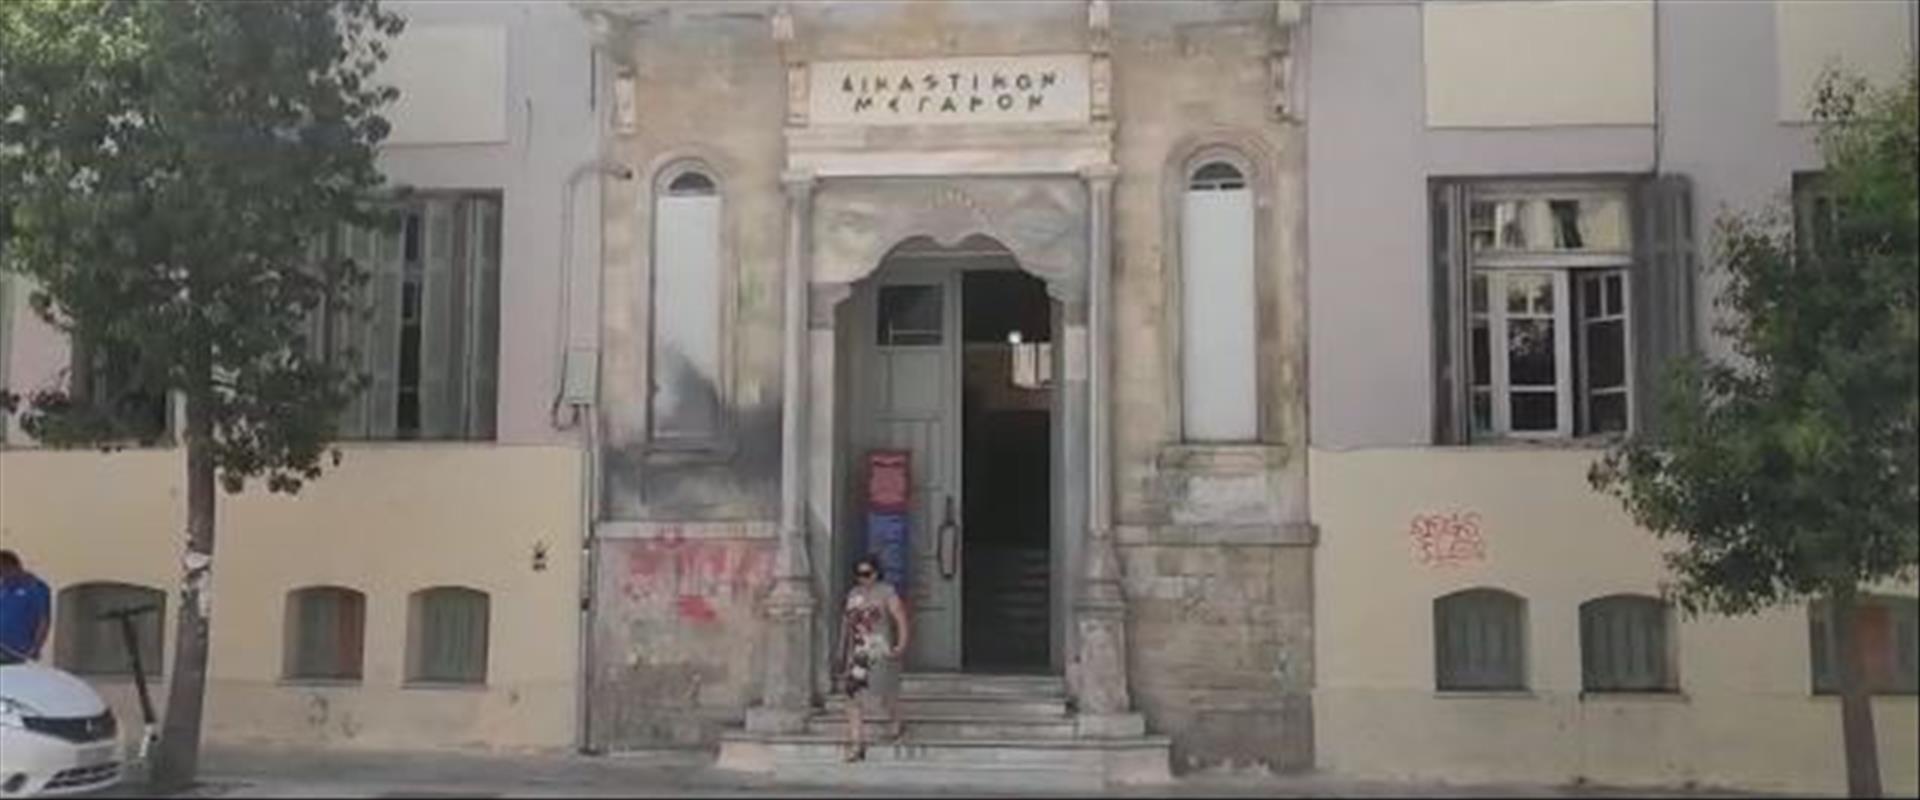 בניין בית המשפט בהרקליון